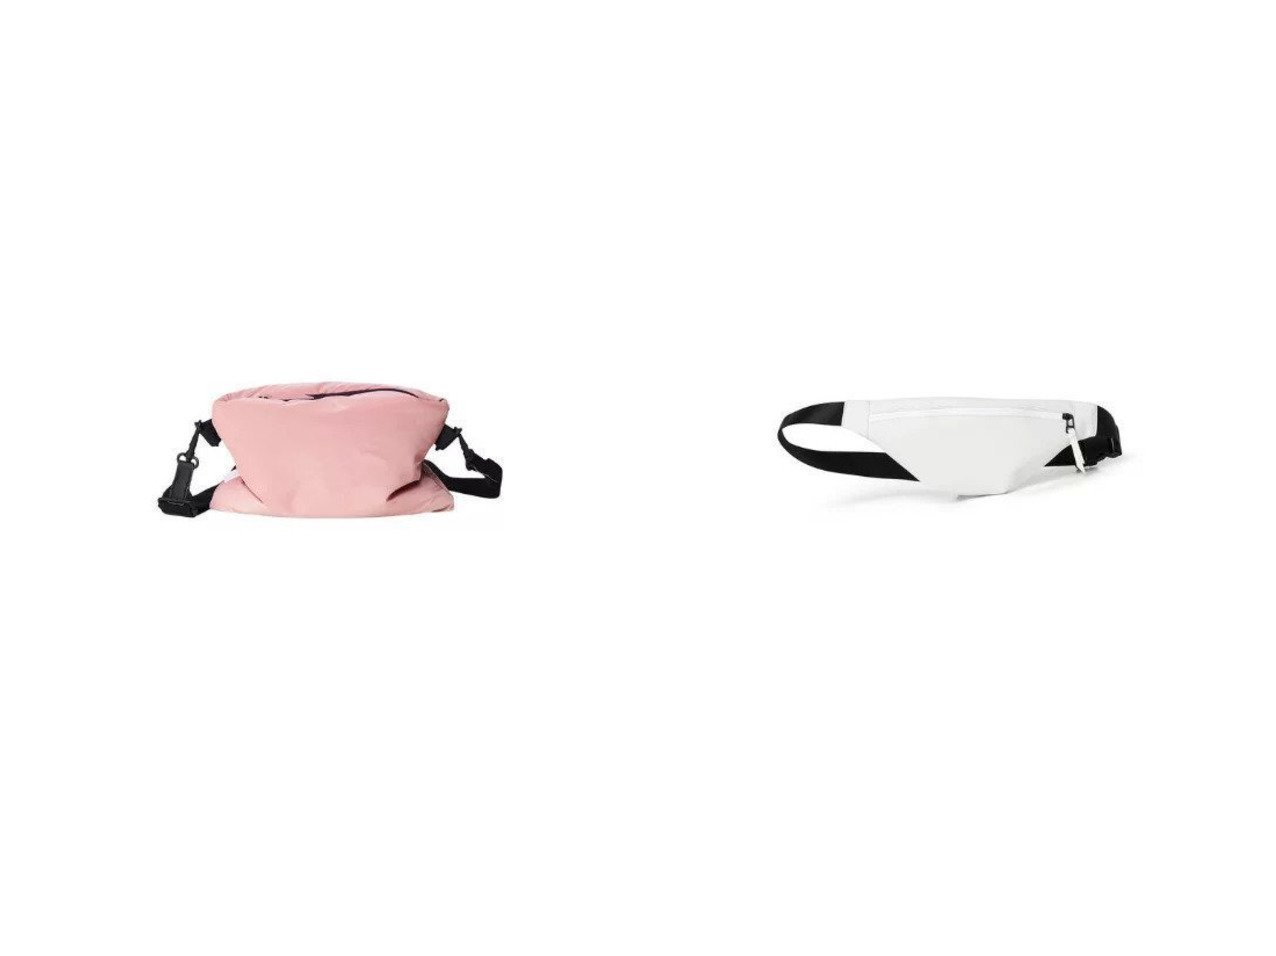 【RAINS/レインズ】のPadded Pouch&Bum Bag Mini おすすめ!人気、トレンド・レディースファッションの通販 おすすめで人気の流行・トレンド、ファッションの通販商品 メンズファッション・キッズファッション・インテリア・家具・レディースファッション・服の通販 founy(ファニー) https://founy.com/ ファッション Fashion レディースファッション WOMEN コンパクト フィット フォルム |ID:crp329100000029524